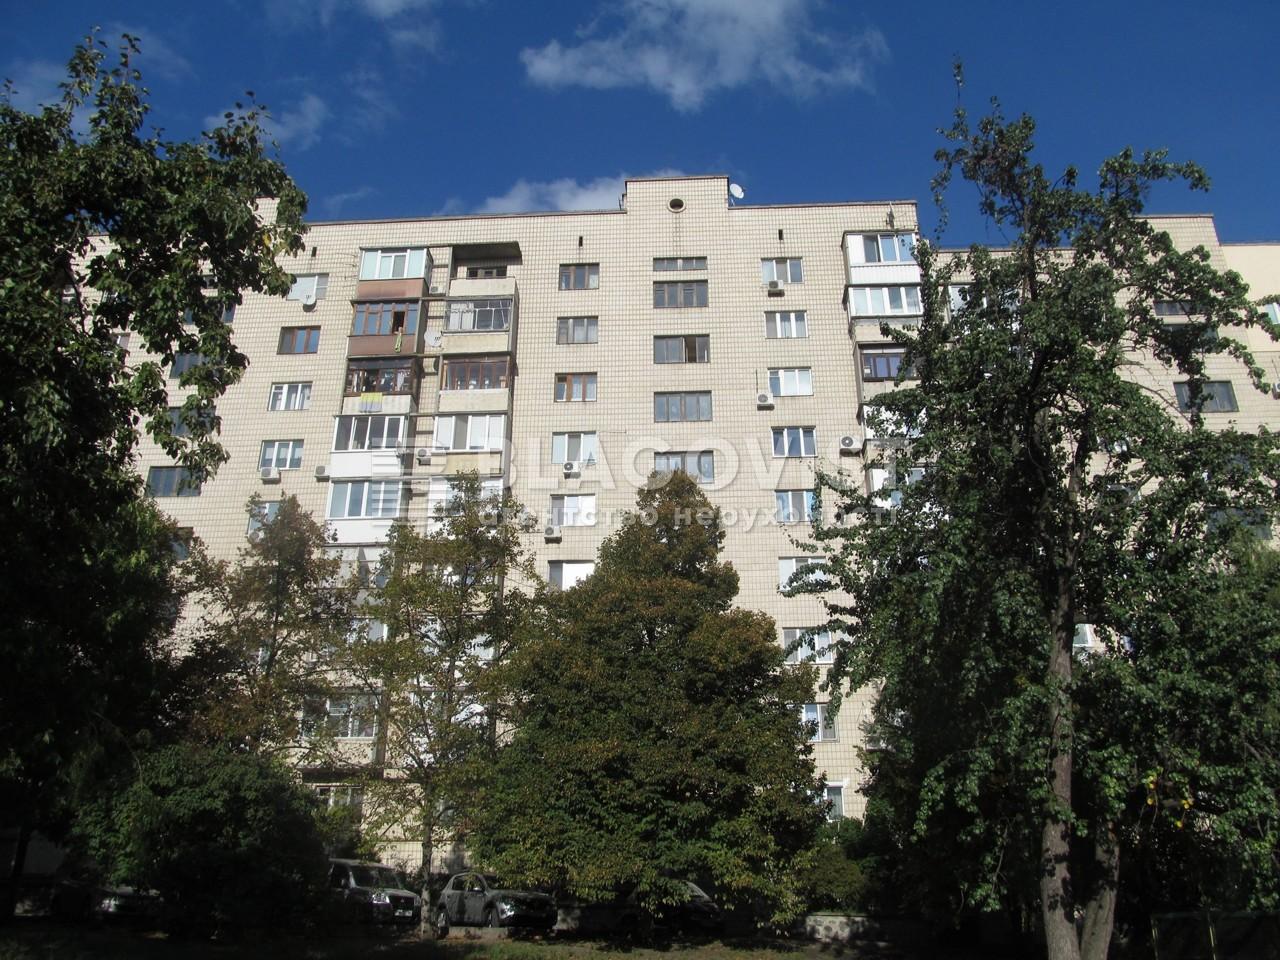 Квартира F-5509, Предславинская, 38, Киев - Фото 2